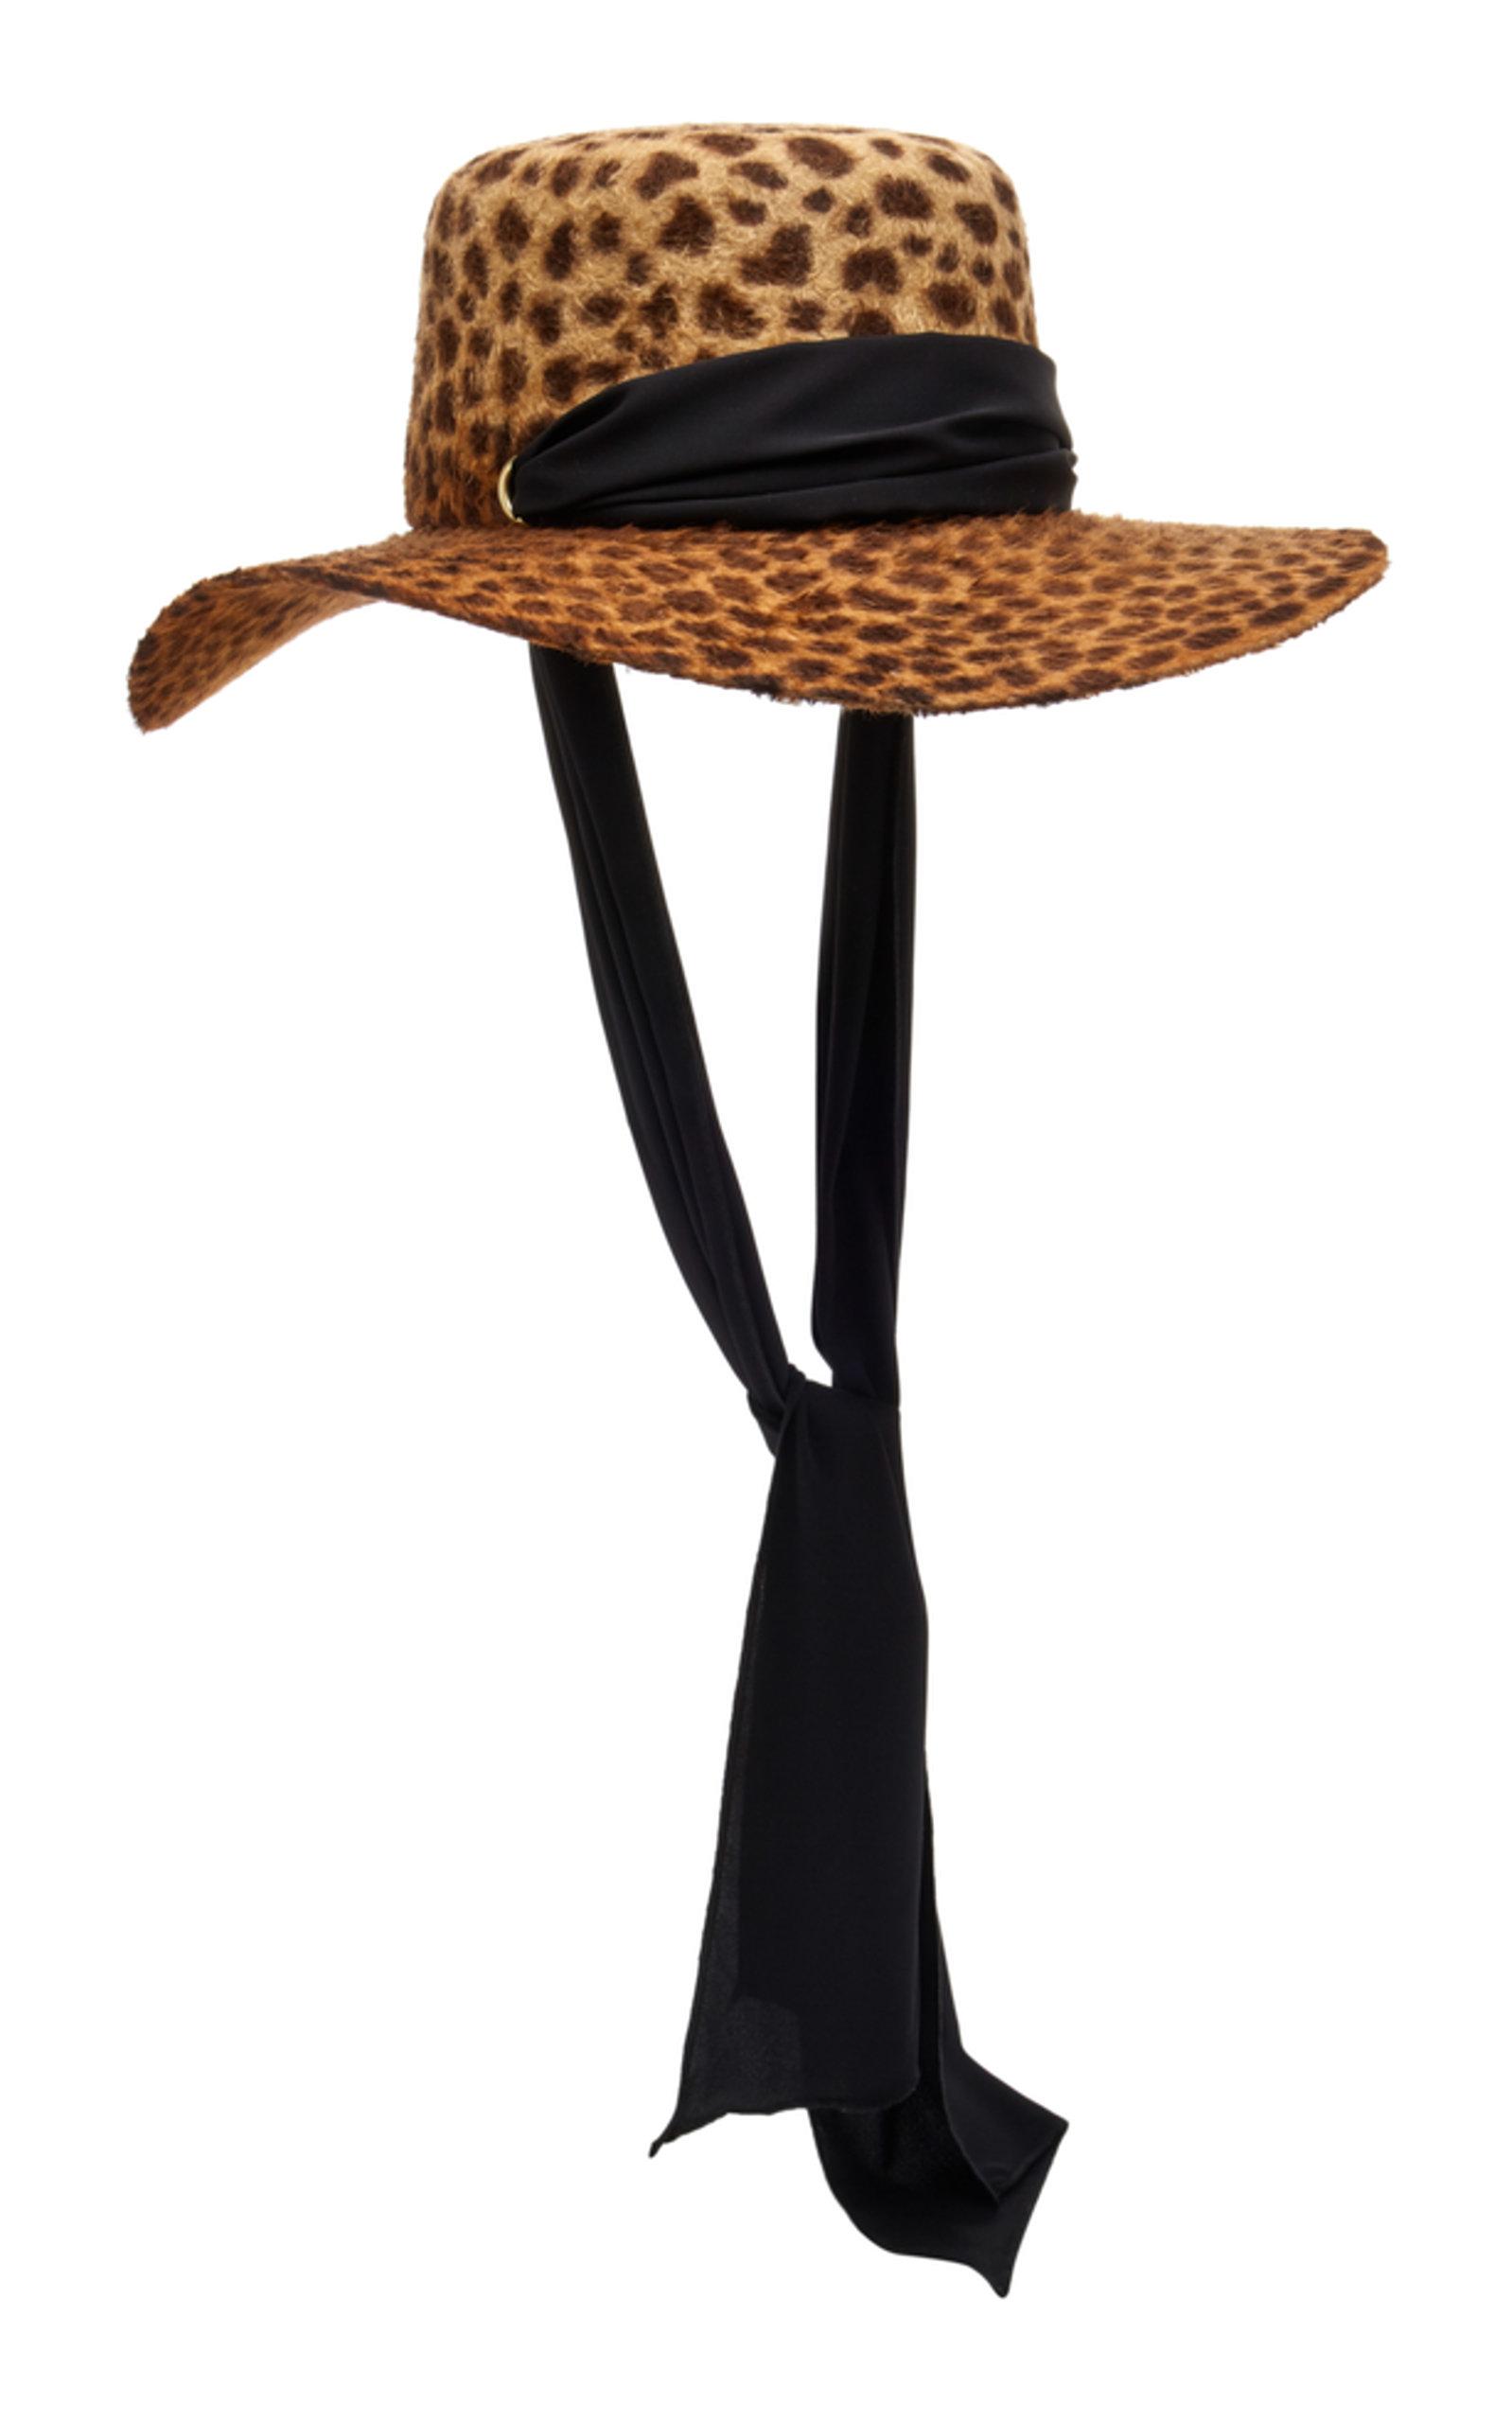 Verushka Hat Gladys Tamez Millinery GYFhBhH